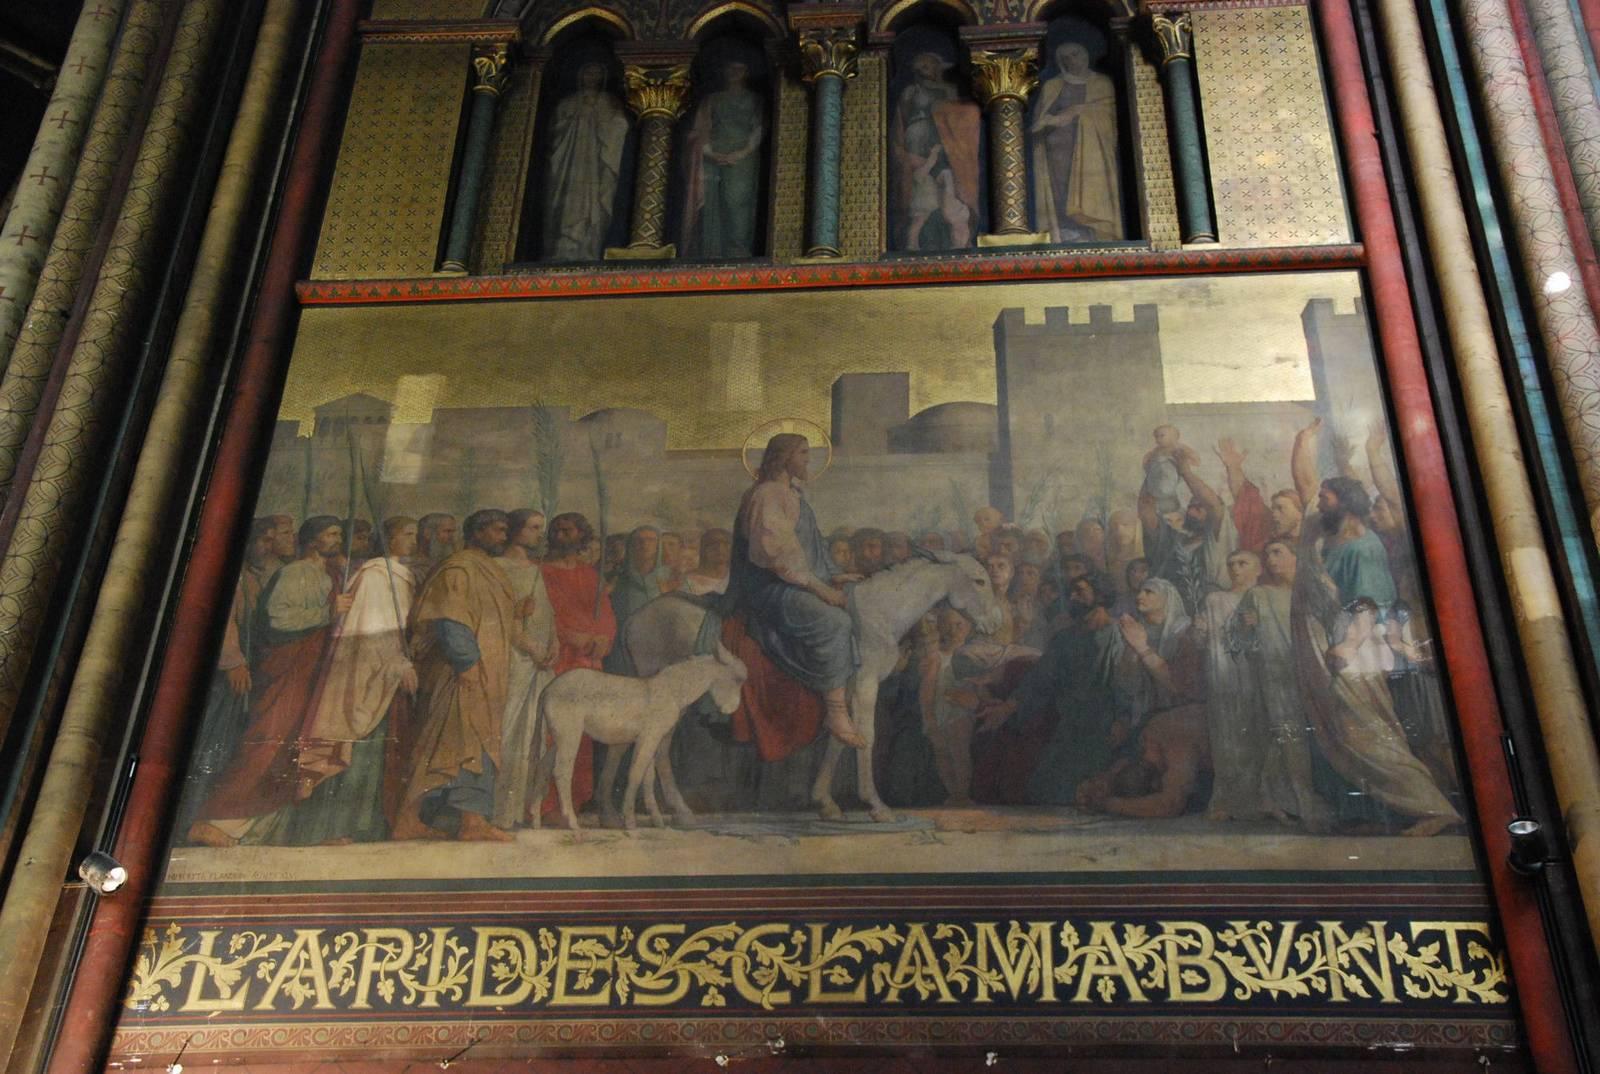 Histoire de Saint-Germain-des-Prés